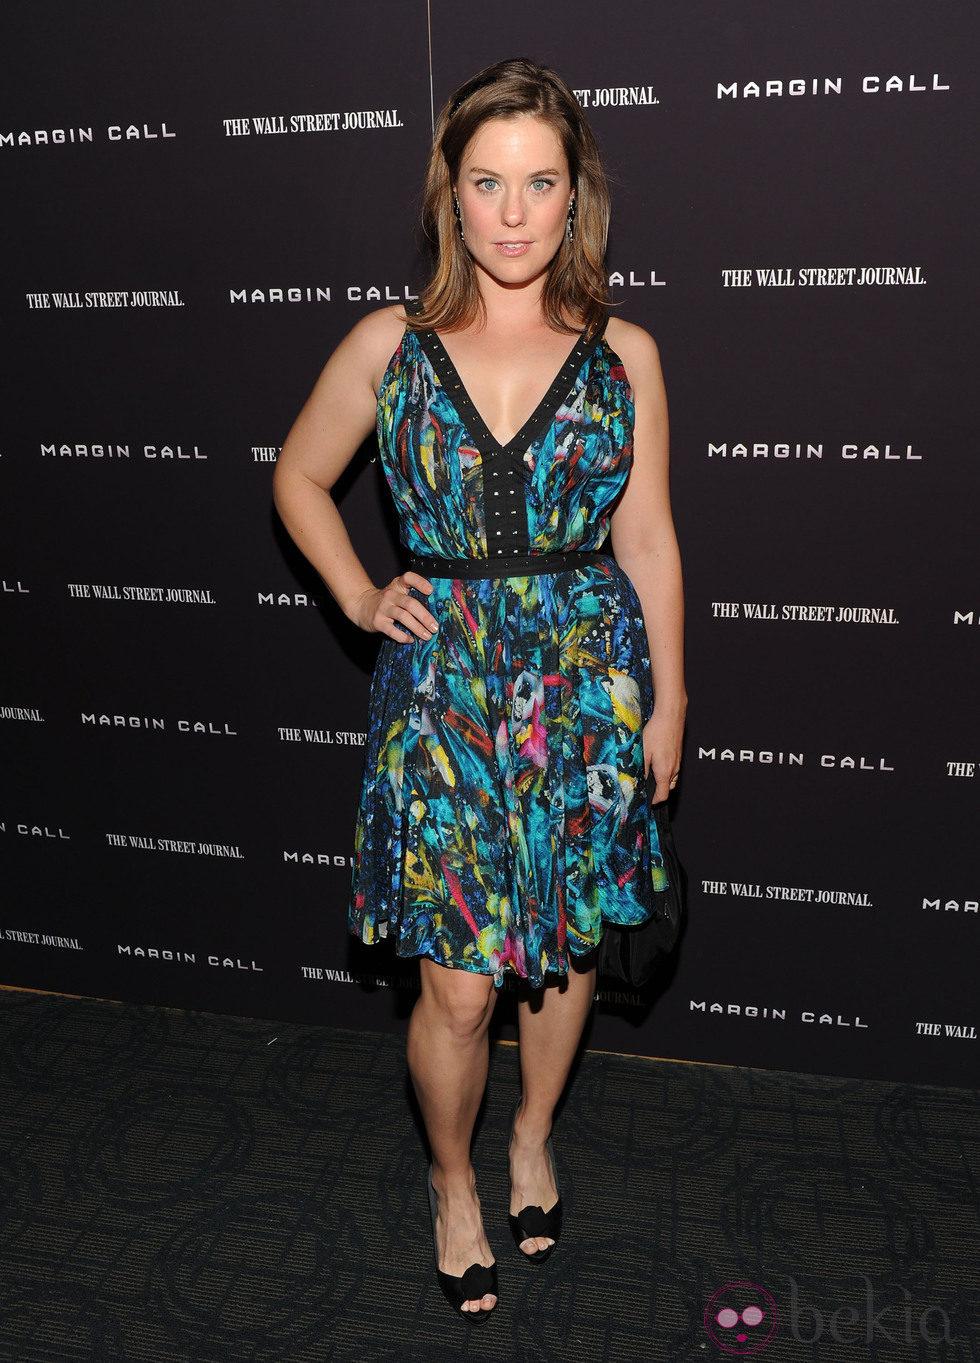 Ashley Williams en la premiere de 'Margin Call' en Nueva York